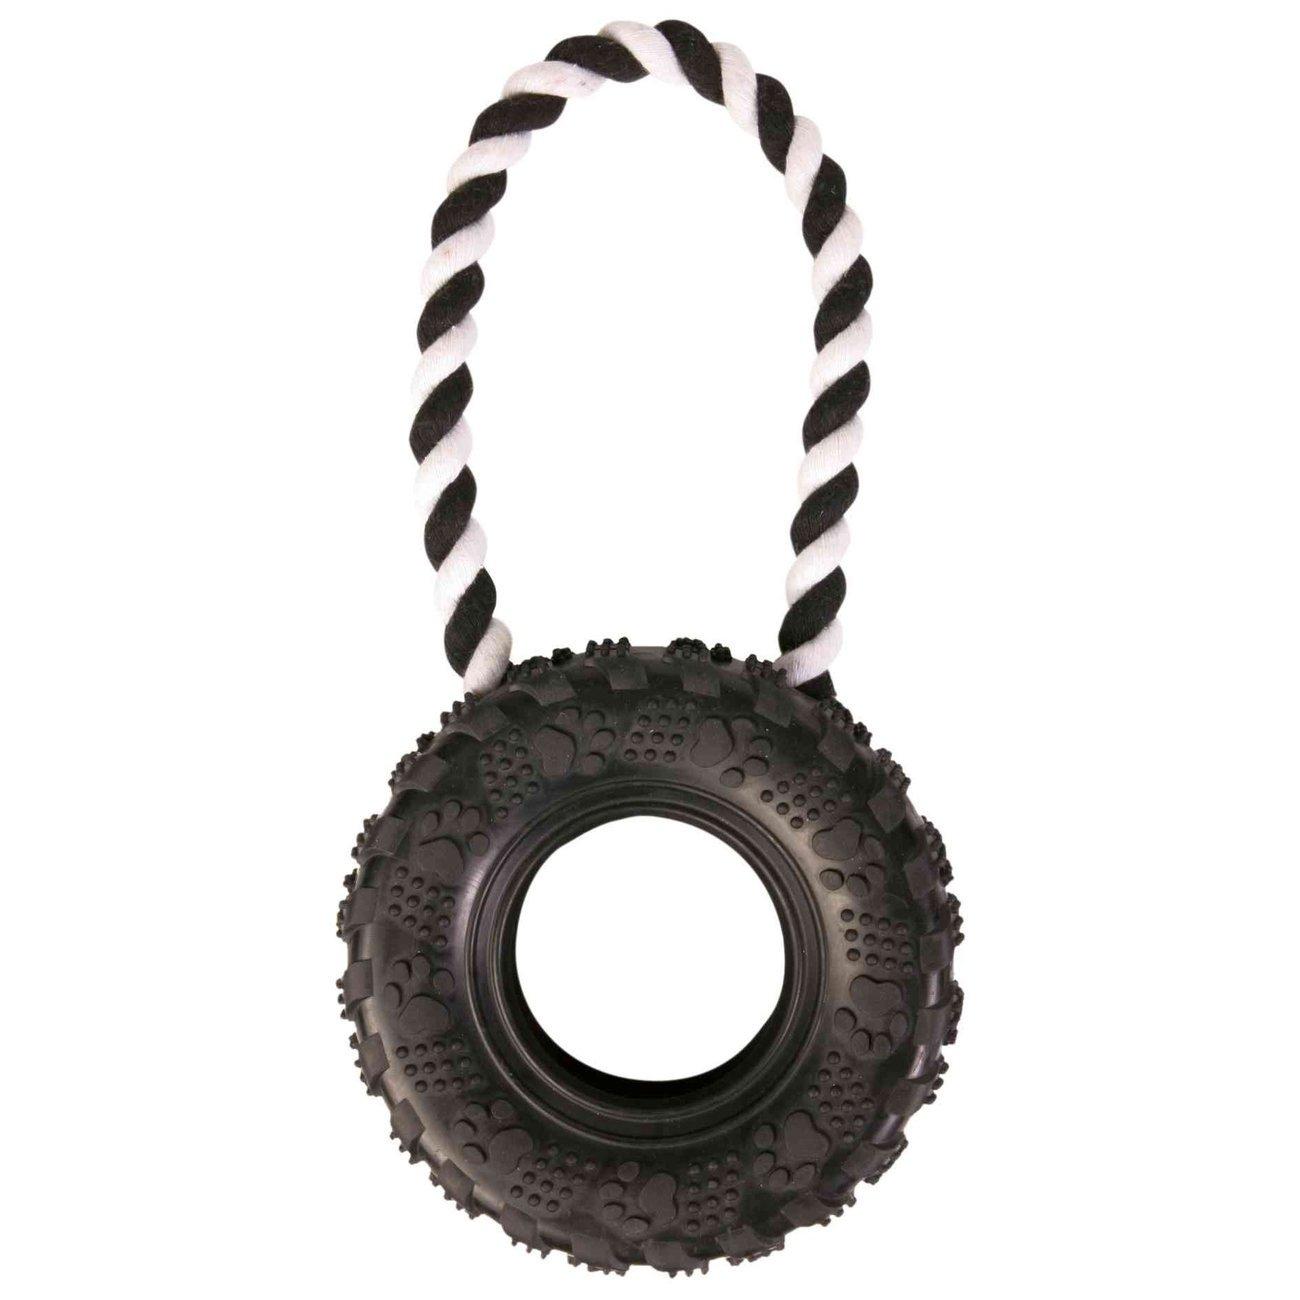 Trixie Hunde Reifen, Gummi, ø 15 cm, 31 cm